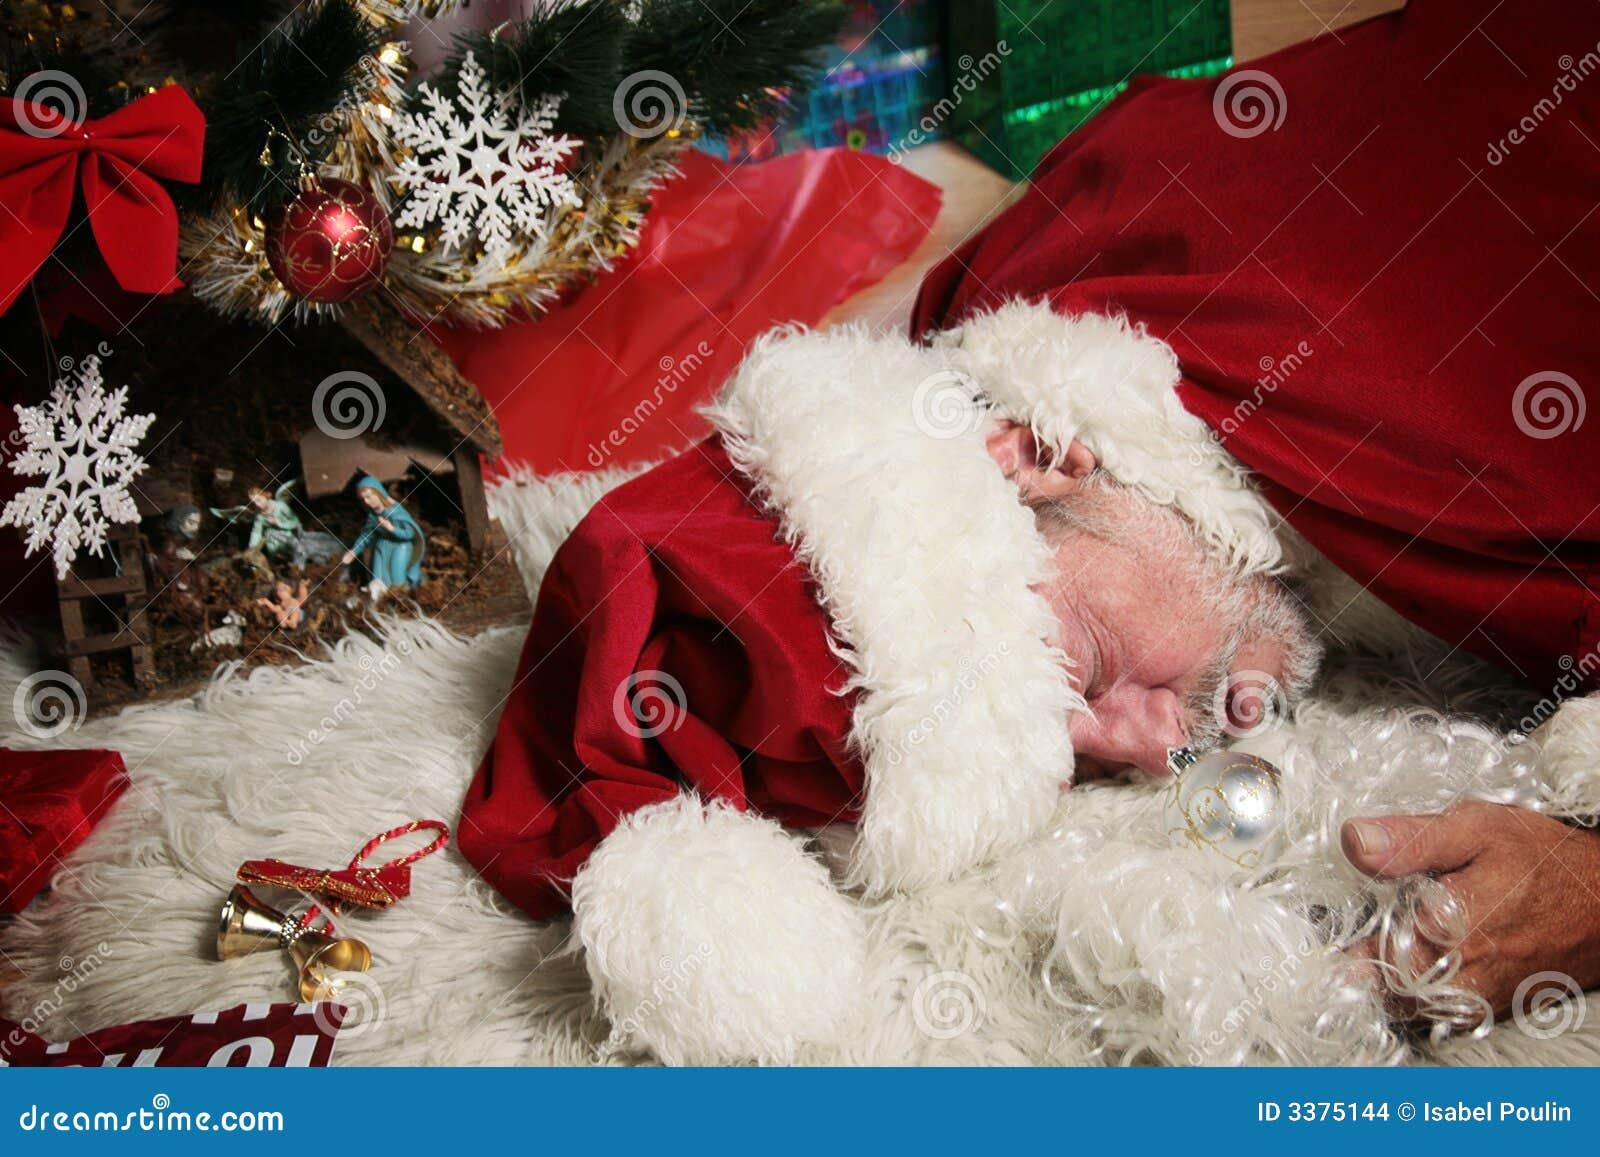 Claus fyllerist santa